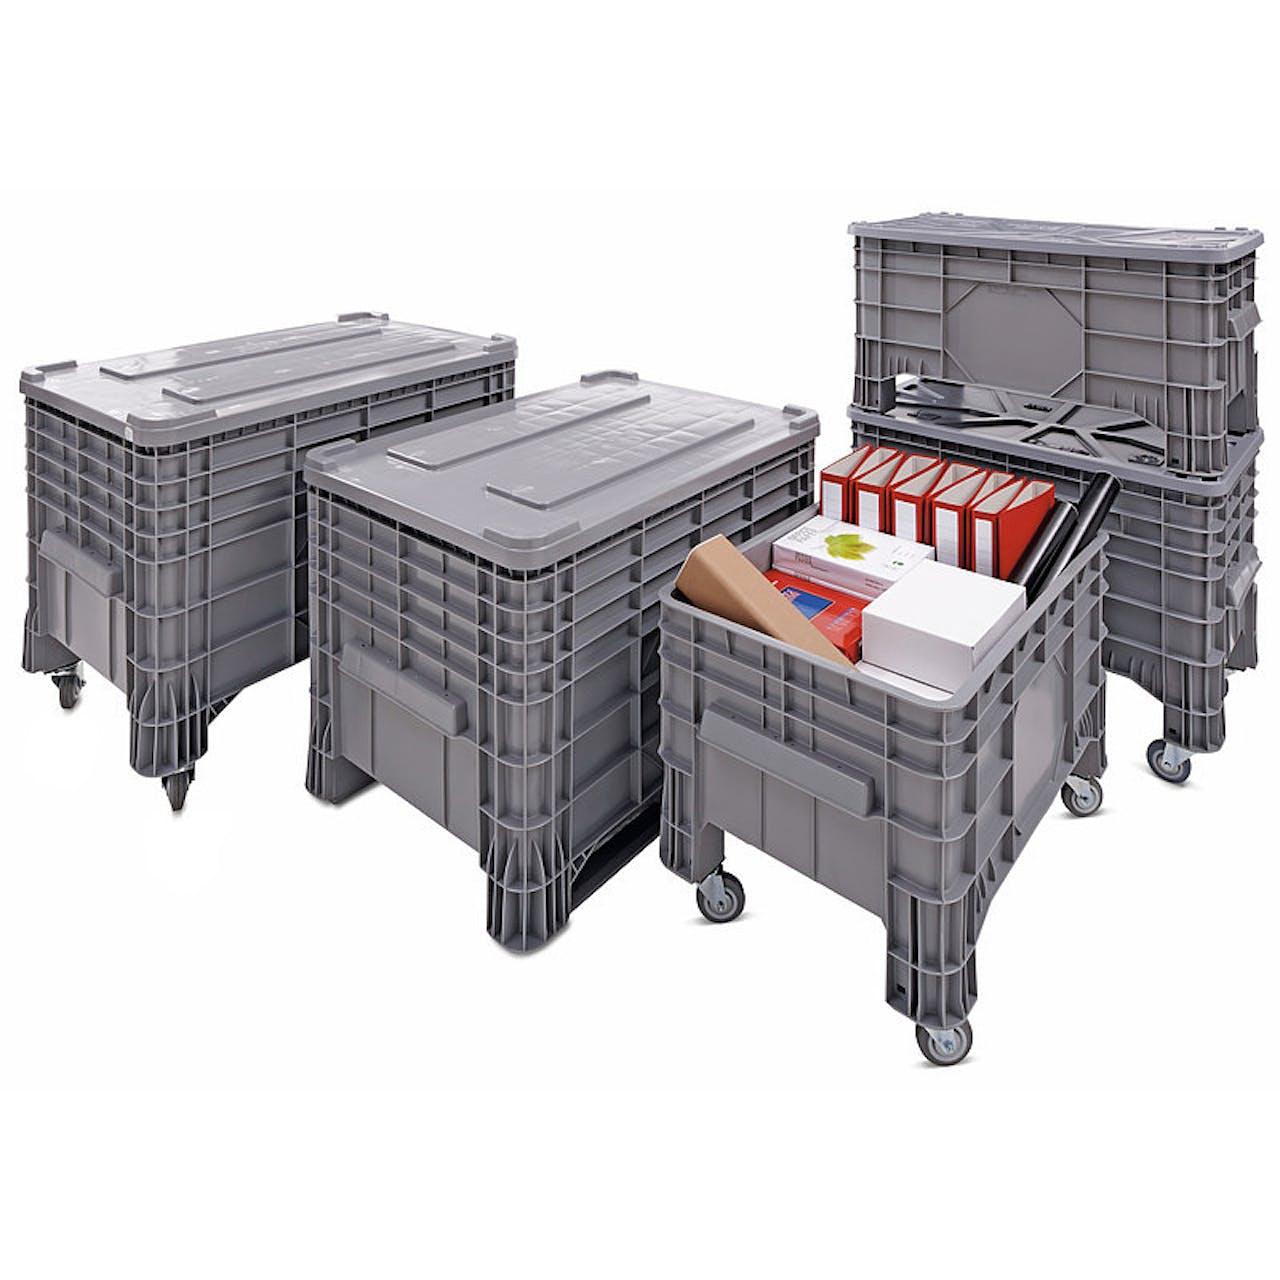 Großbehälter Standard, Außenmaße L x B x H 1200 x 800 x 800 mm, mit 4 Füßen